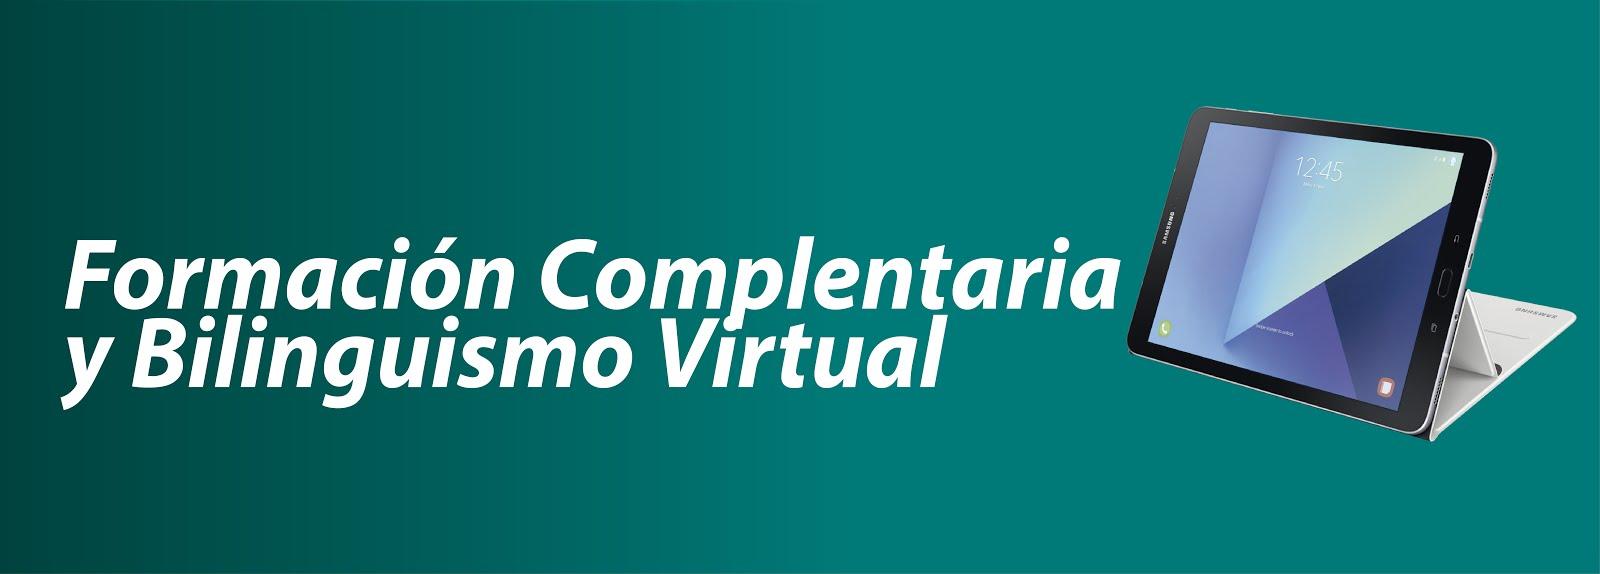 Formación Complementaria y Bilinguismo Virtual